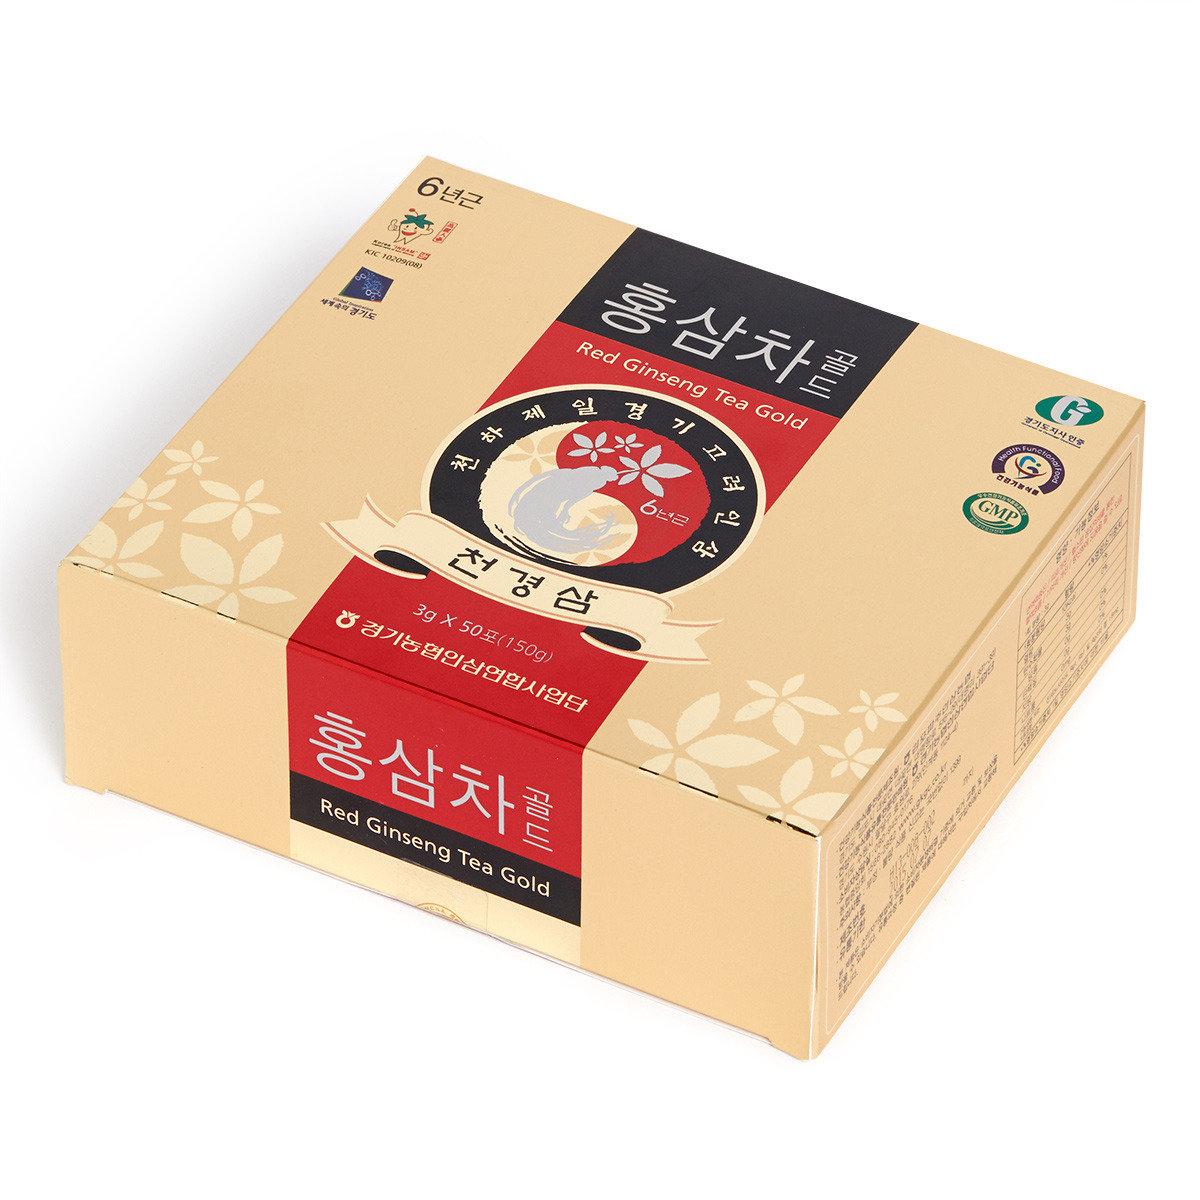 紅蔘茶 [3g x 50袋]